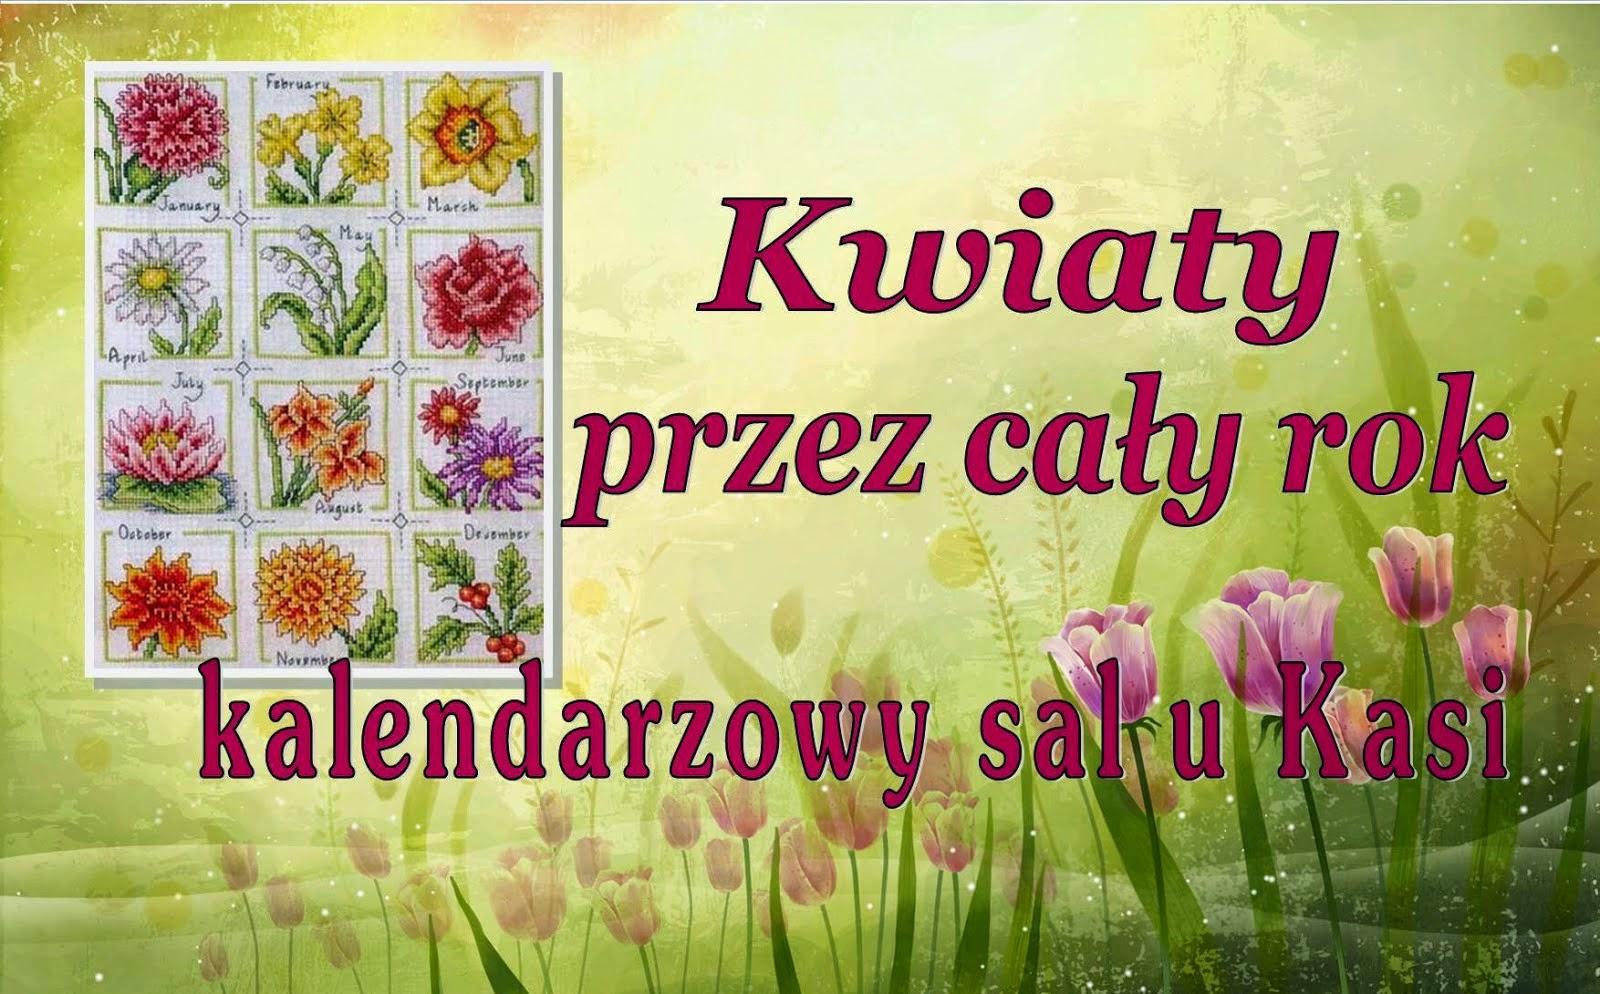 Kwiaty przez cały rok - Sal u Kasi